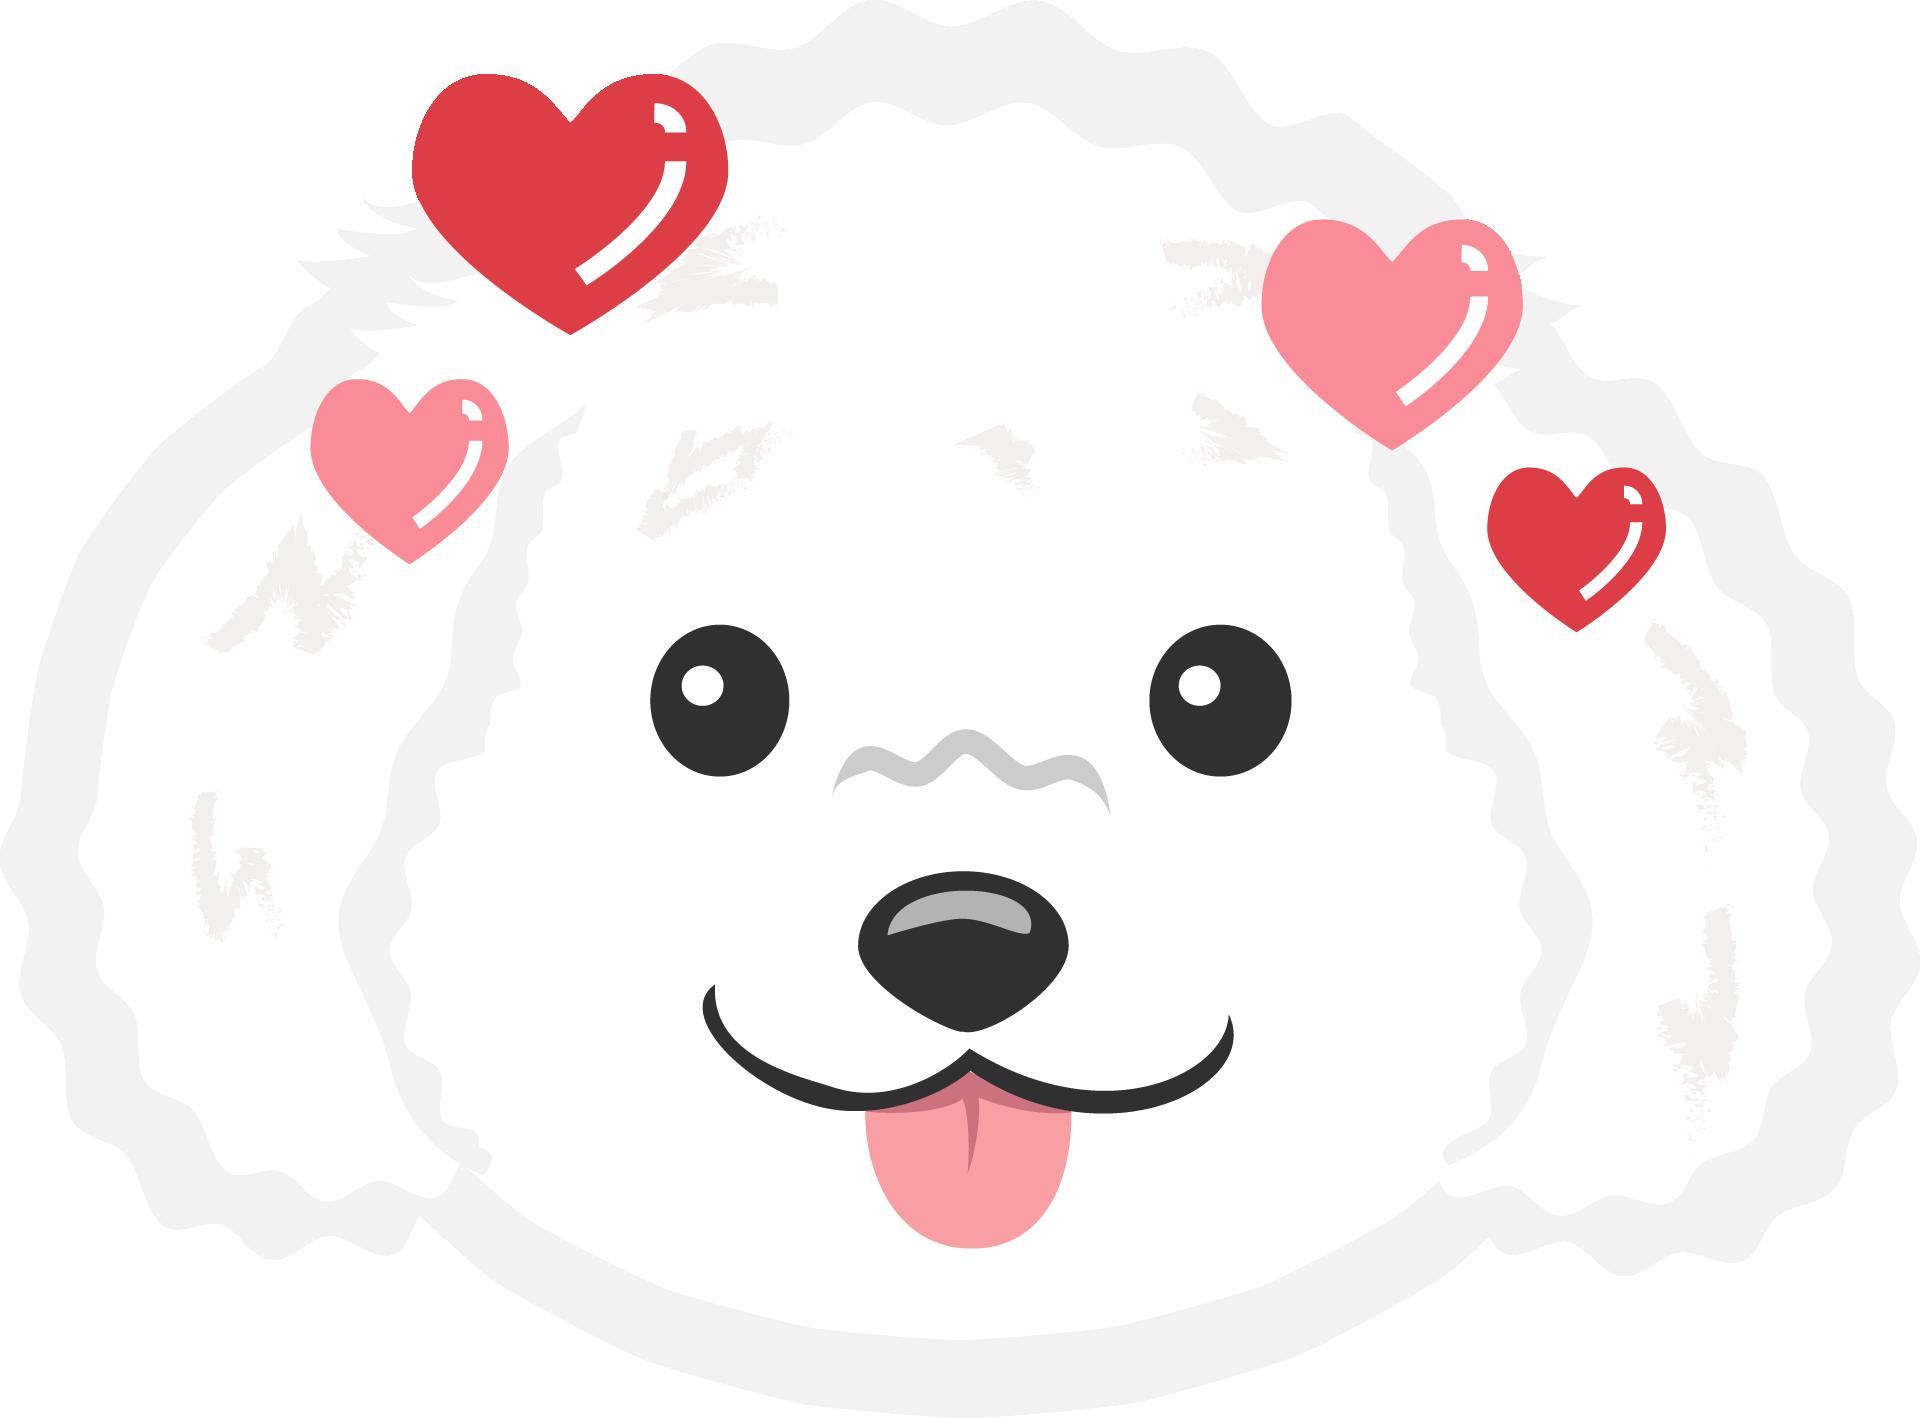 Картинка мордочки белого щенка с высунутым языком, окруженная розовыми и красными серчдечками